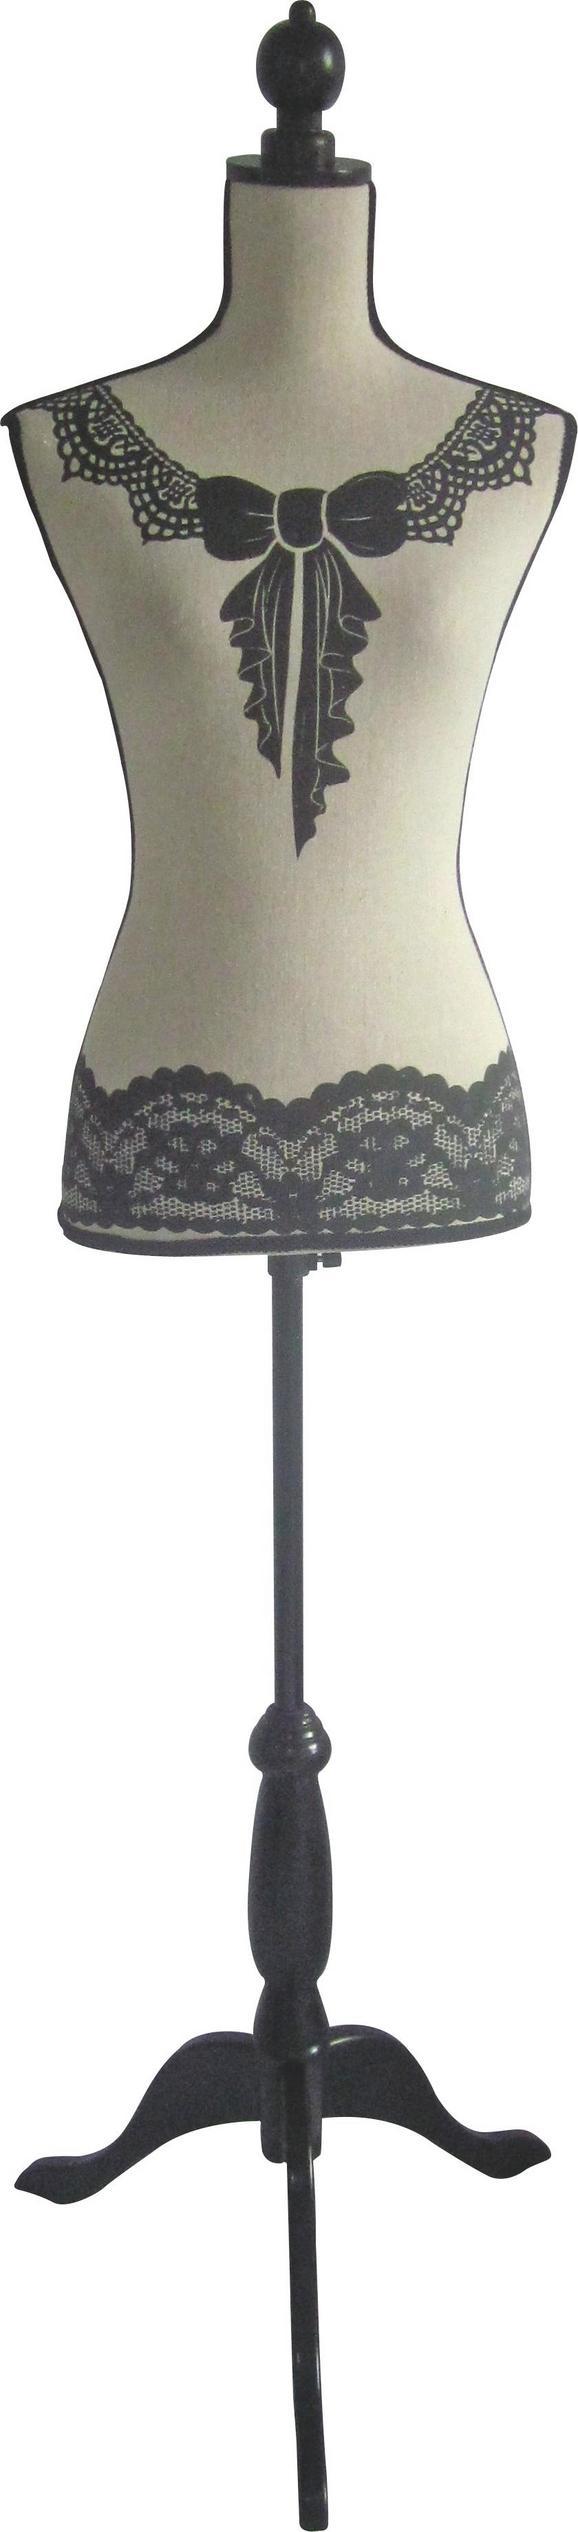 Dekobüste Mannequin in Grau/Weiß - Weiß/Grau, ROMANTIK / LANDHAUS, Holzwerkstoff/Textil (35/170/21cm) - Mömax modern living